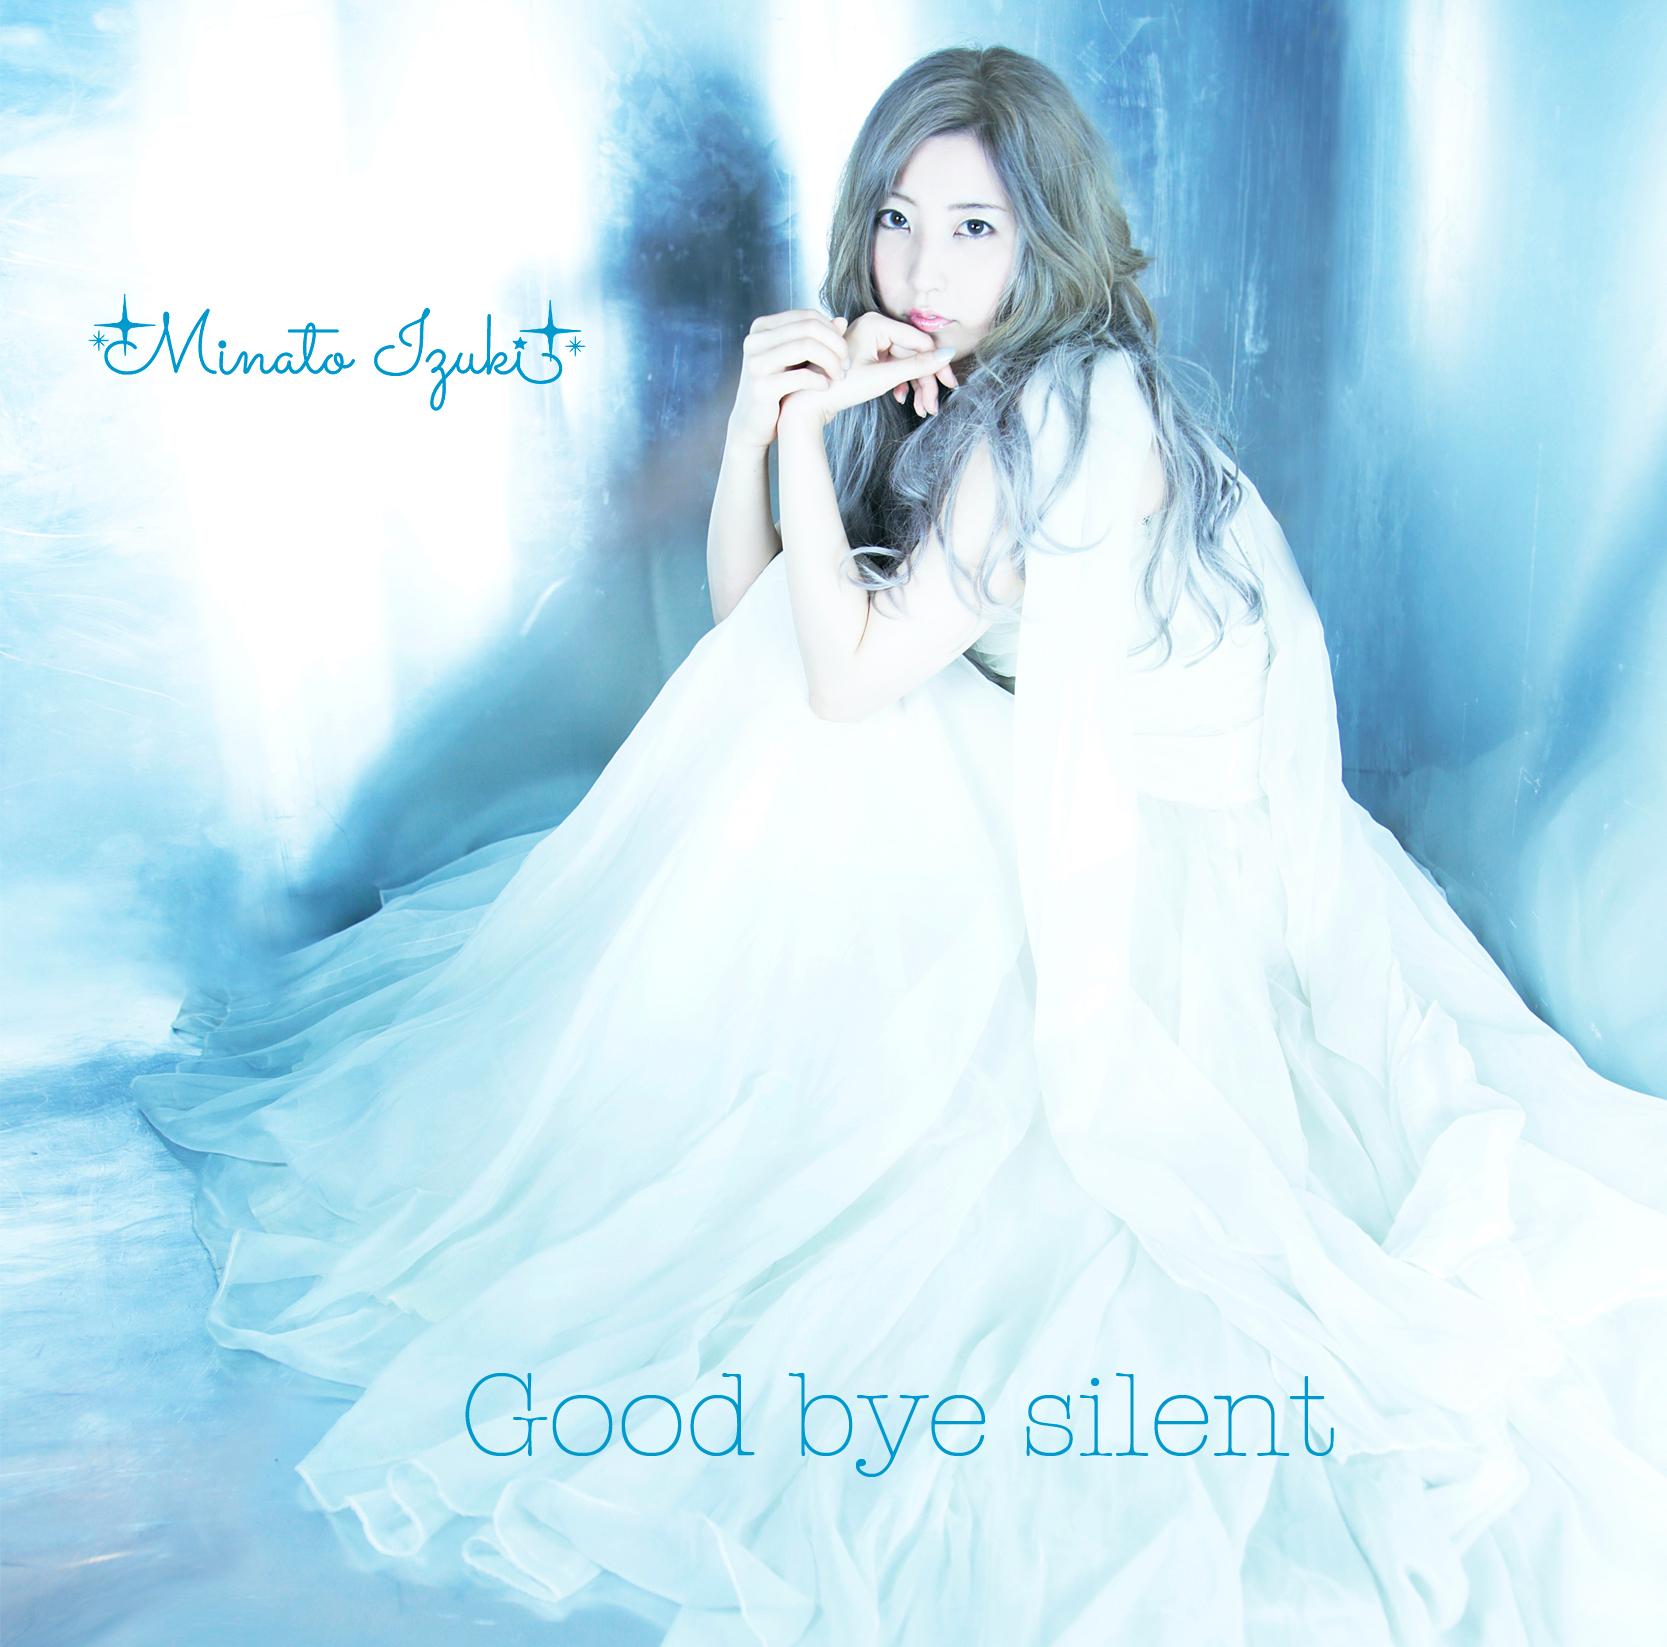 [水湊いづき] Good bye silent